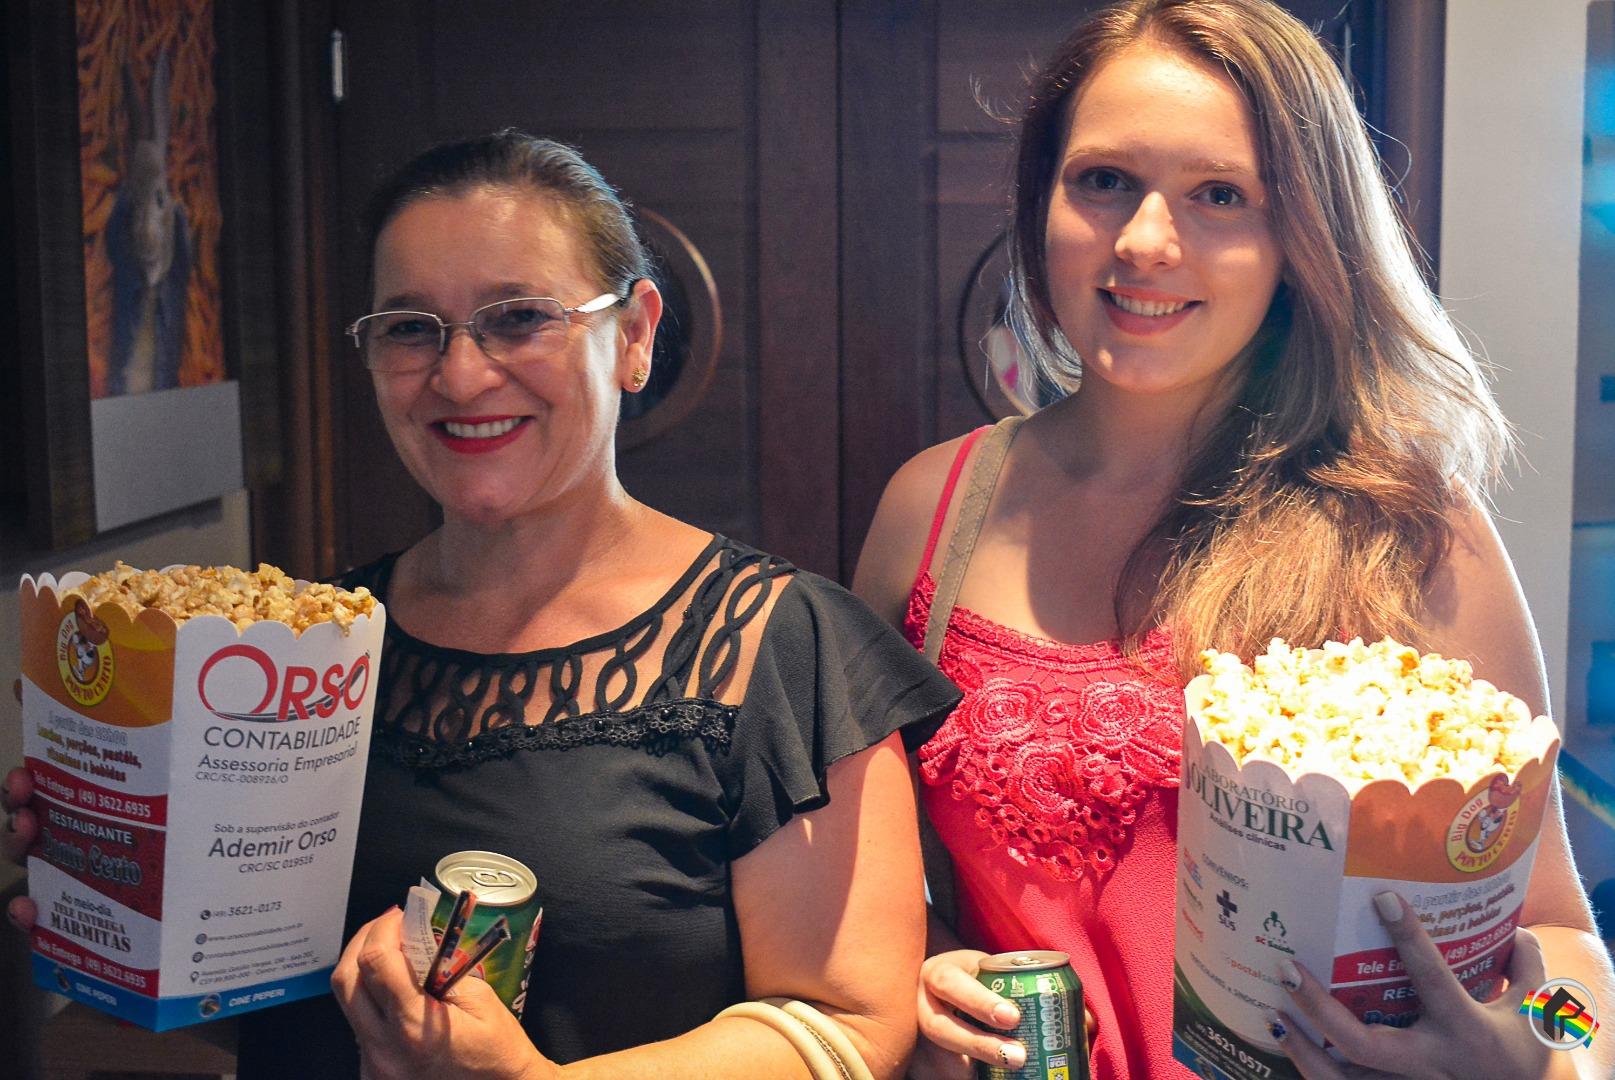 Cinquenta Tons de Liberdade 3º filme da franquia estreia no Cine Peperi